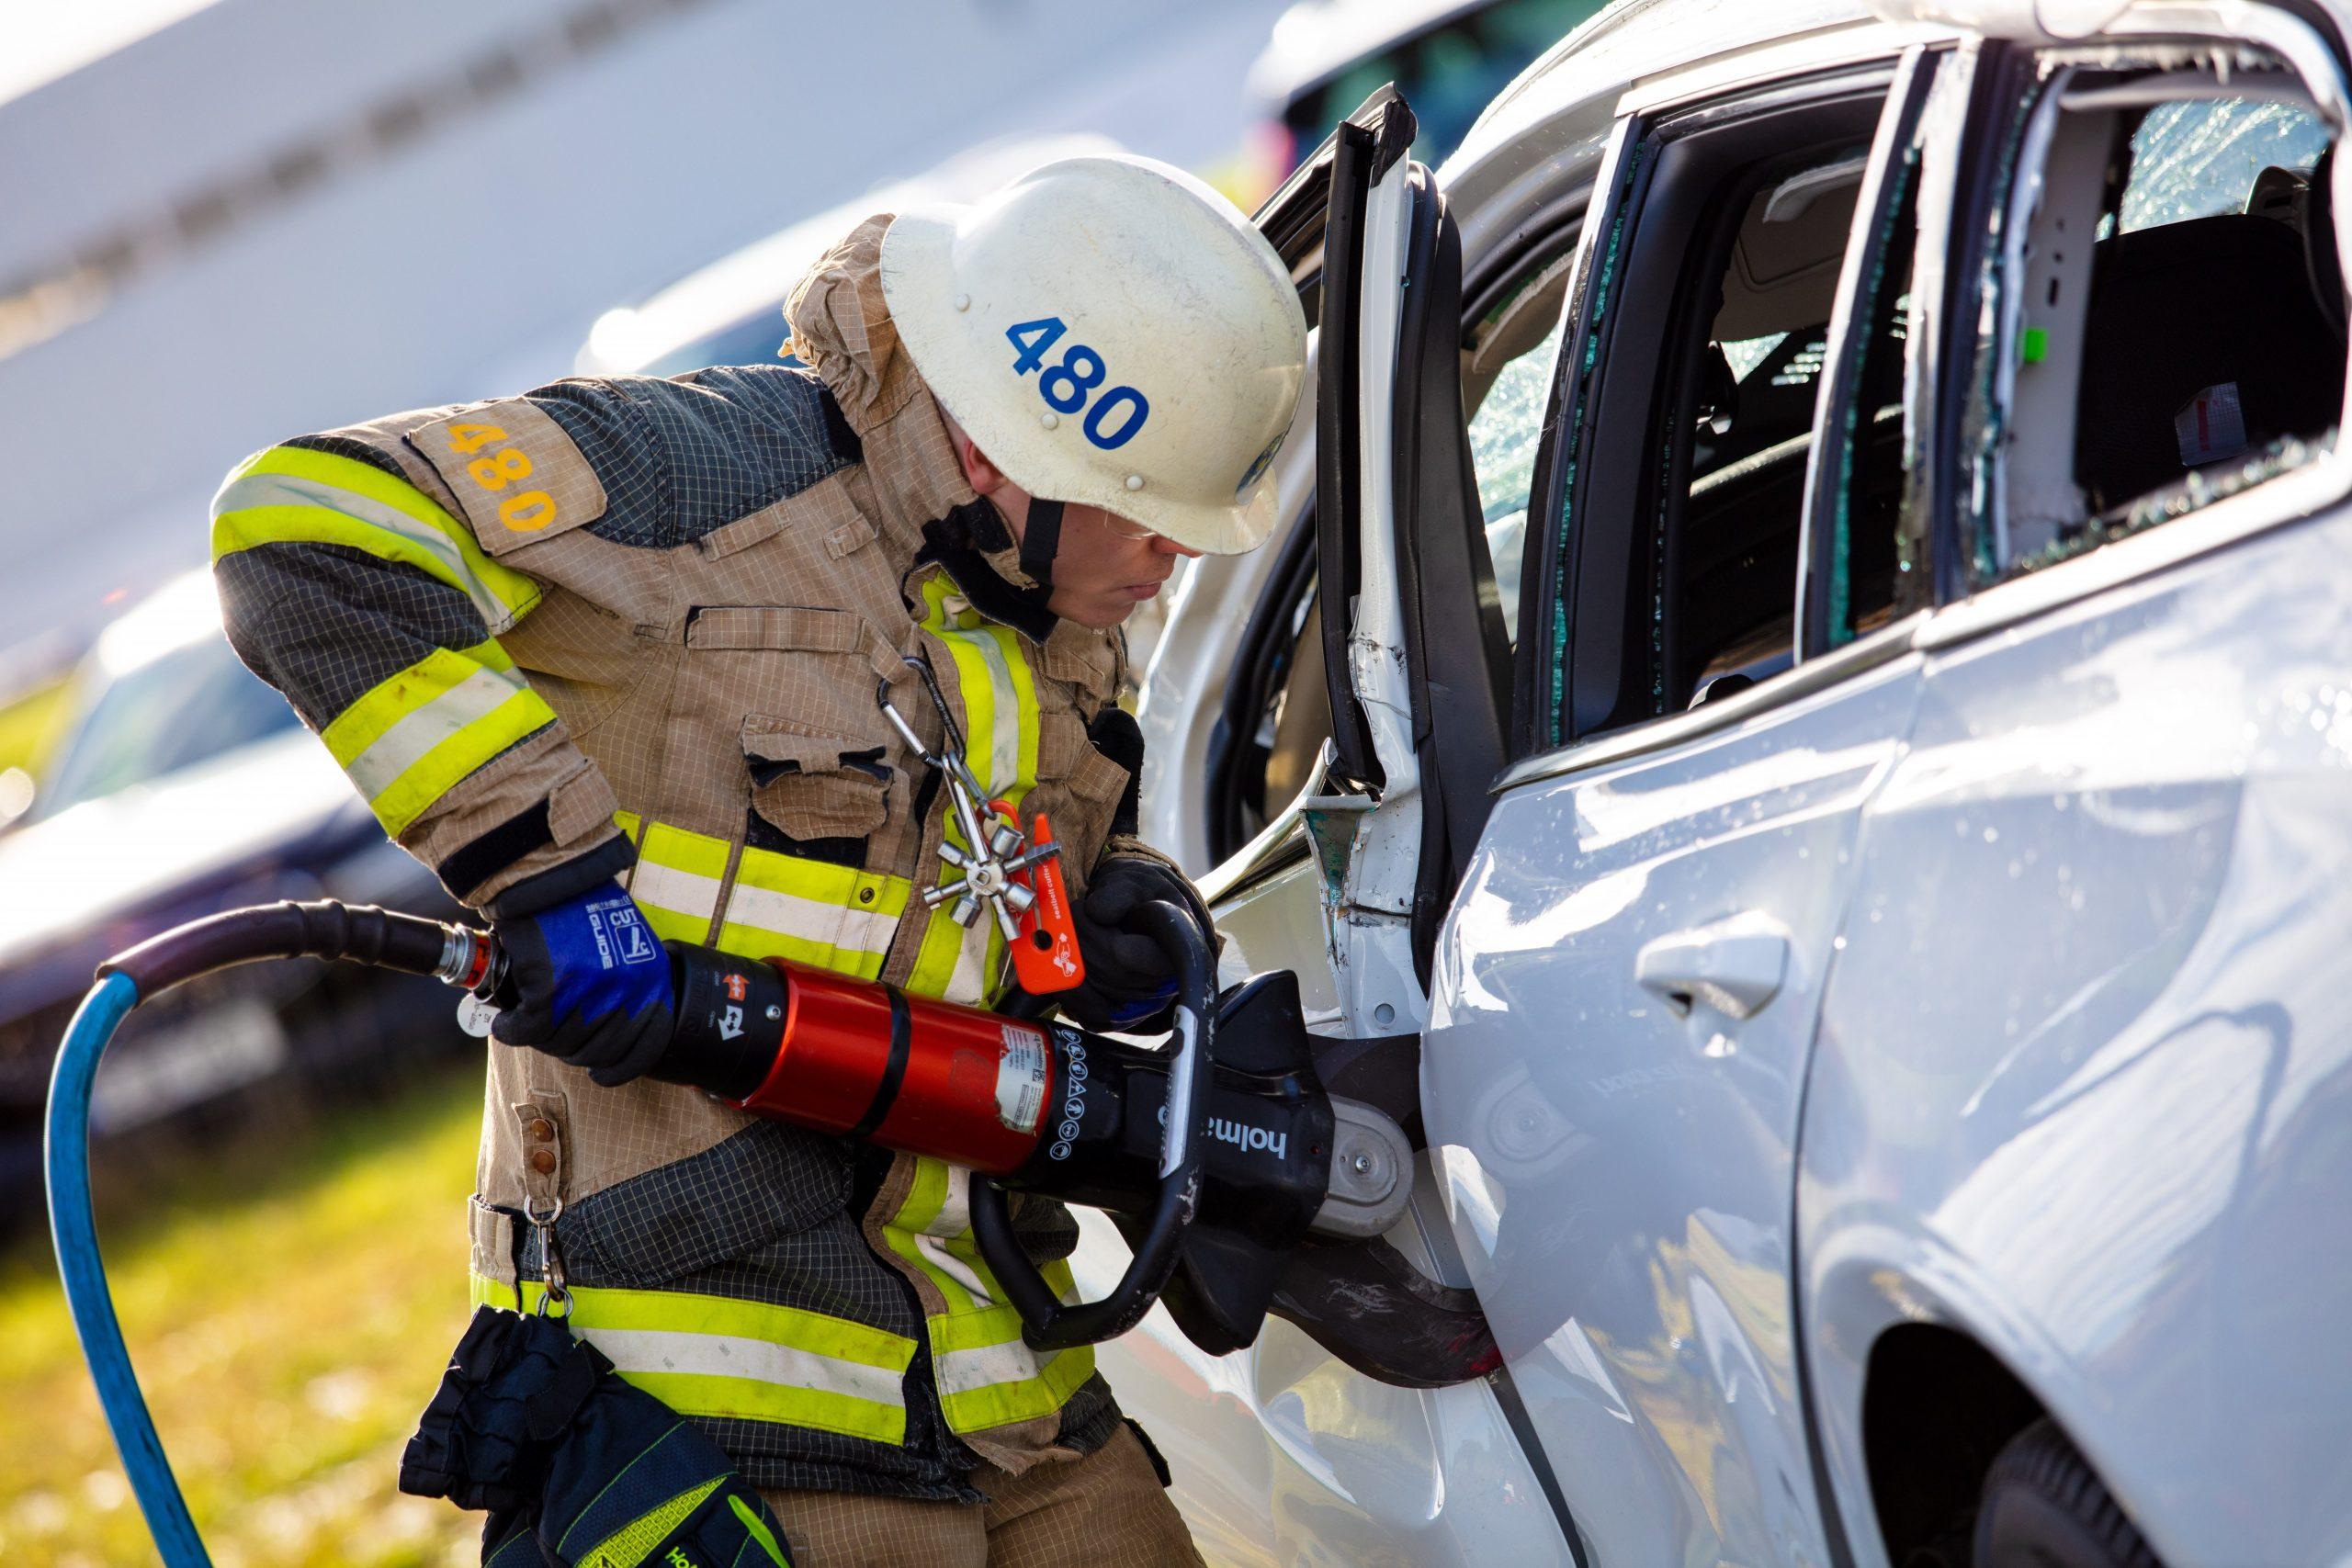 Thử nghiệm thả rơi xe volvo từ độ cao 30m để nghiên cứu khả năng cứu hộ tai nạn